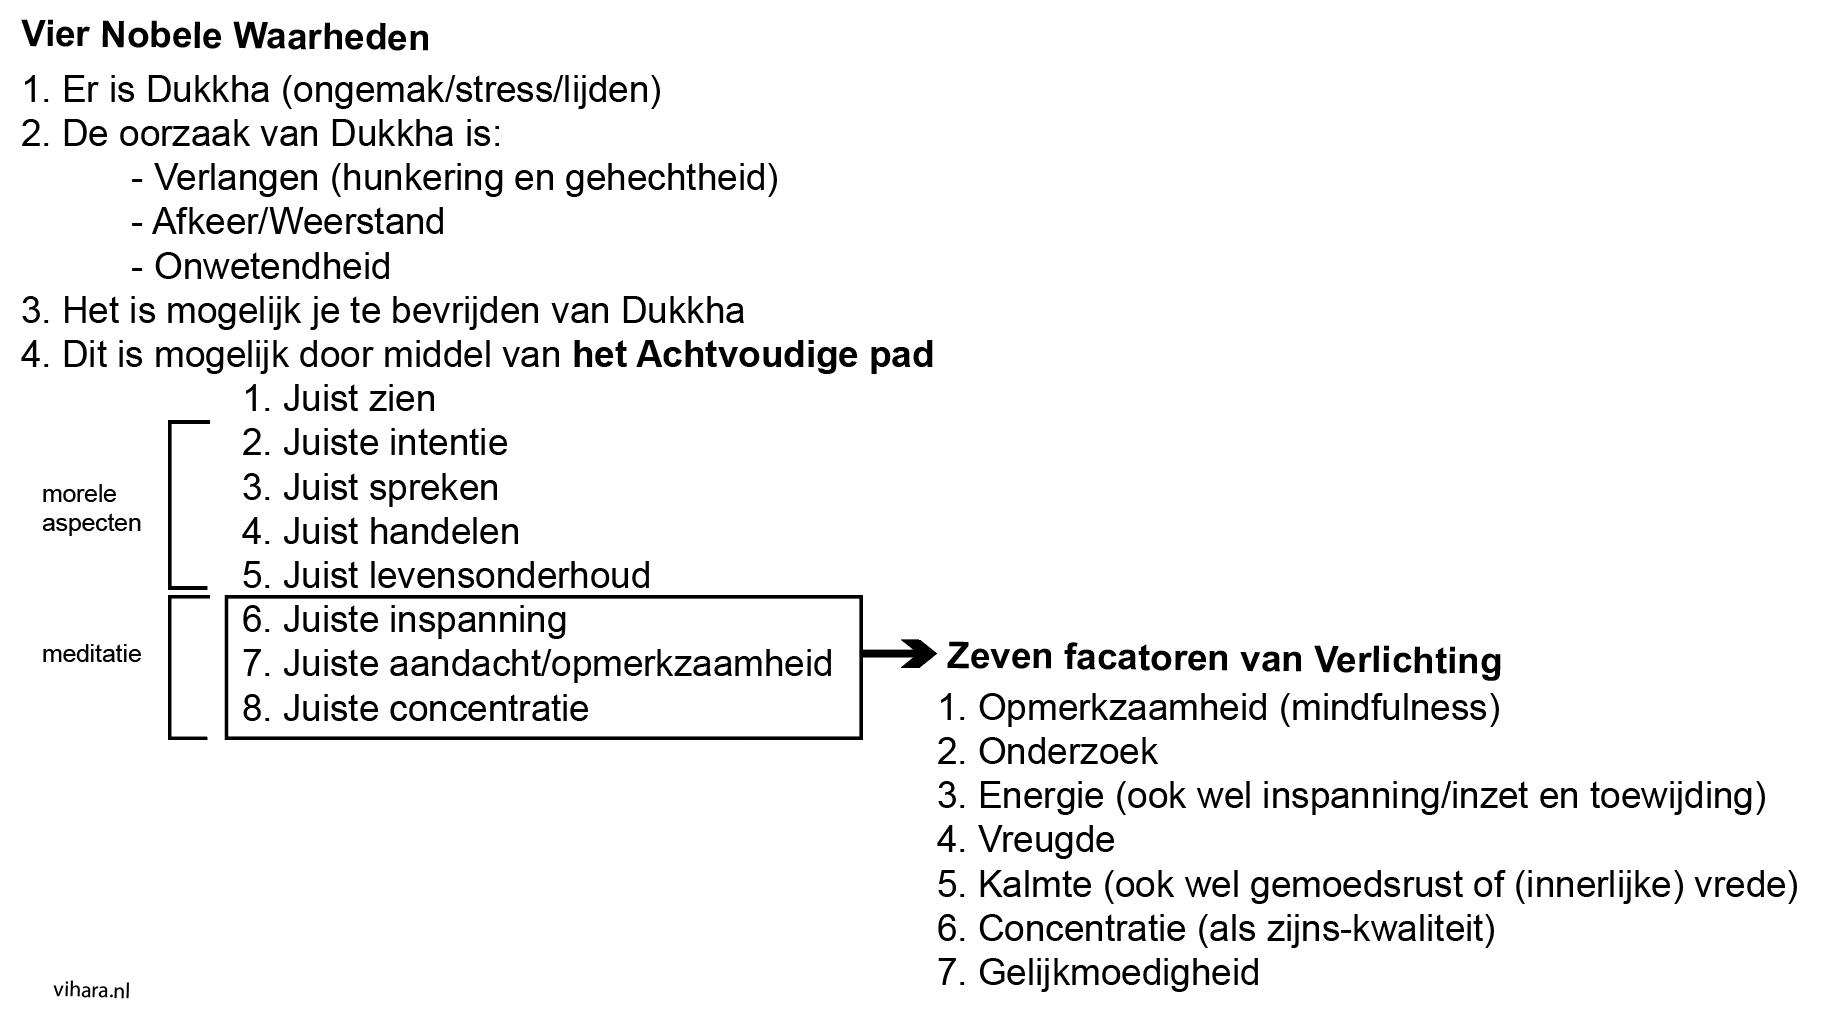 Schema factoren van verlichting